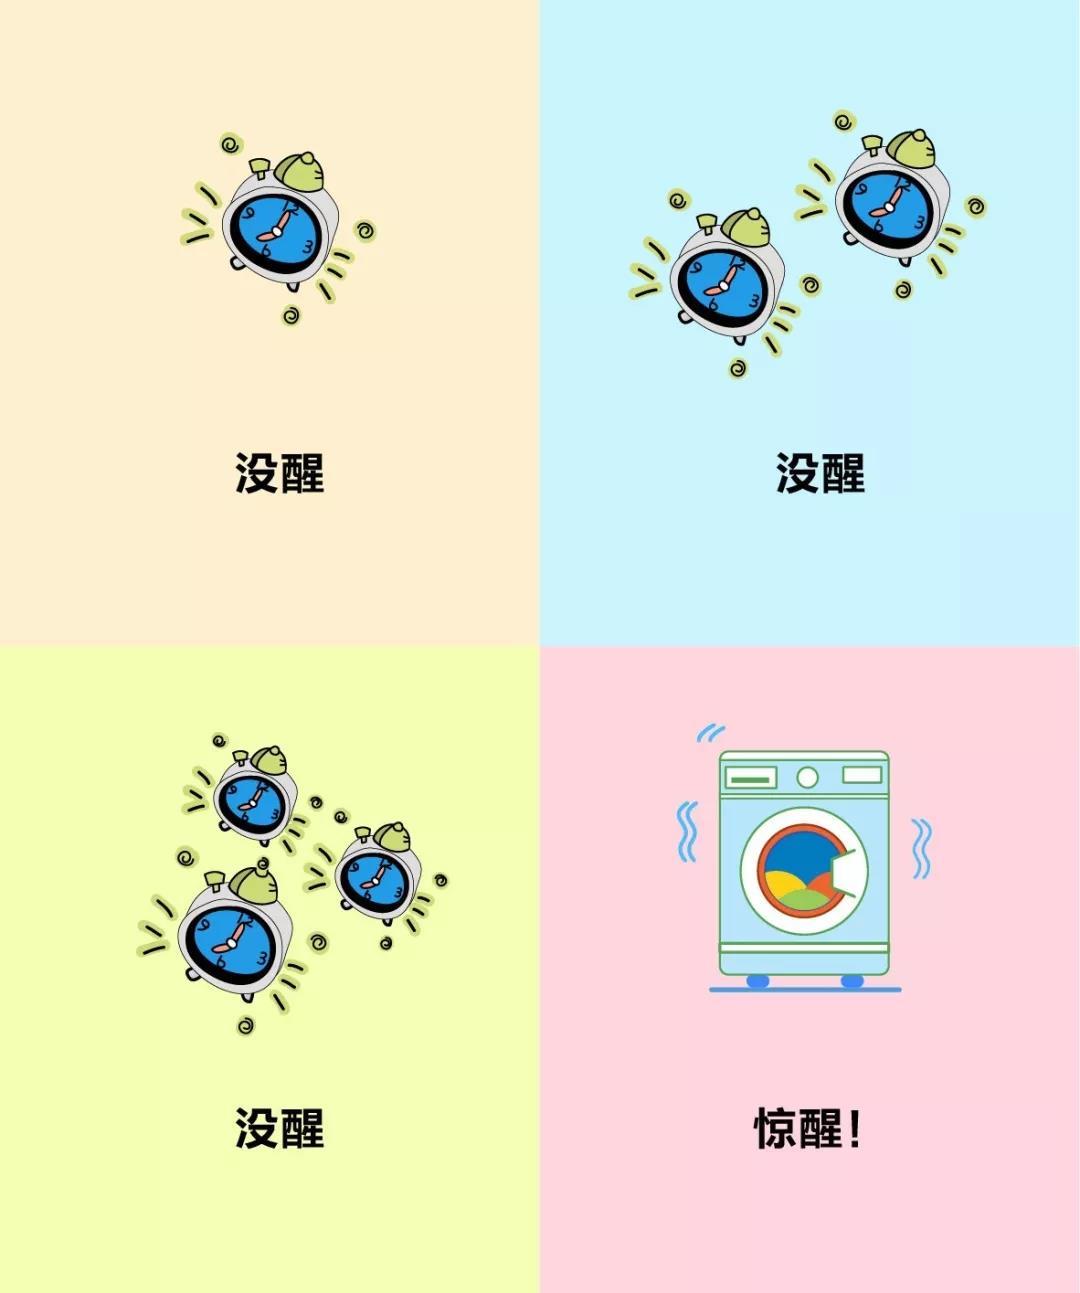 微信图片_20190104171123.jpg